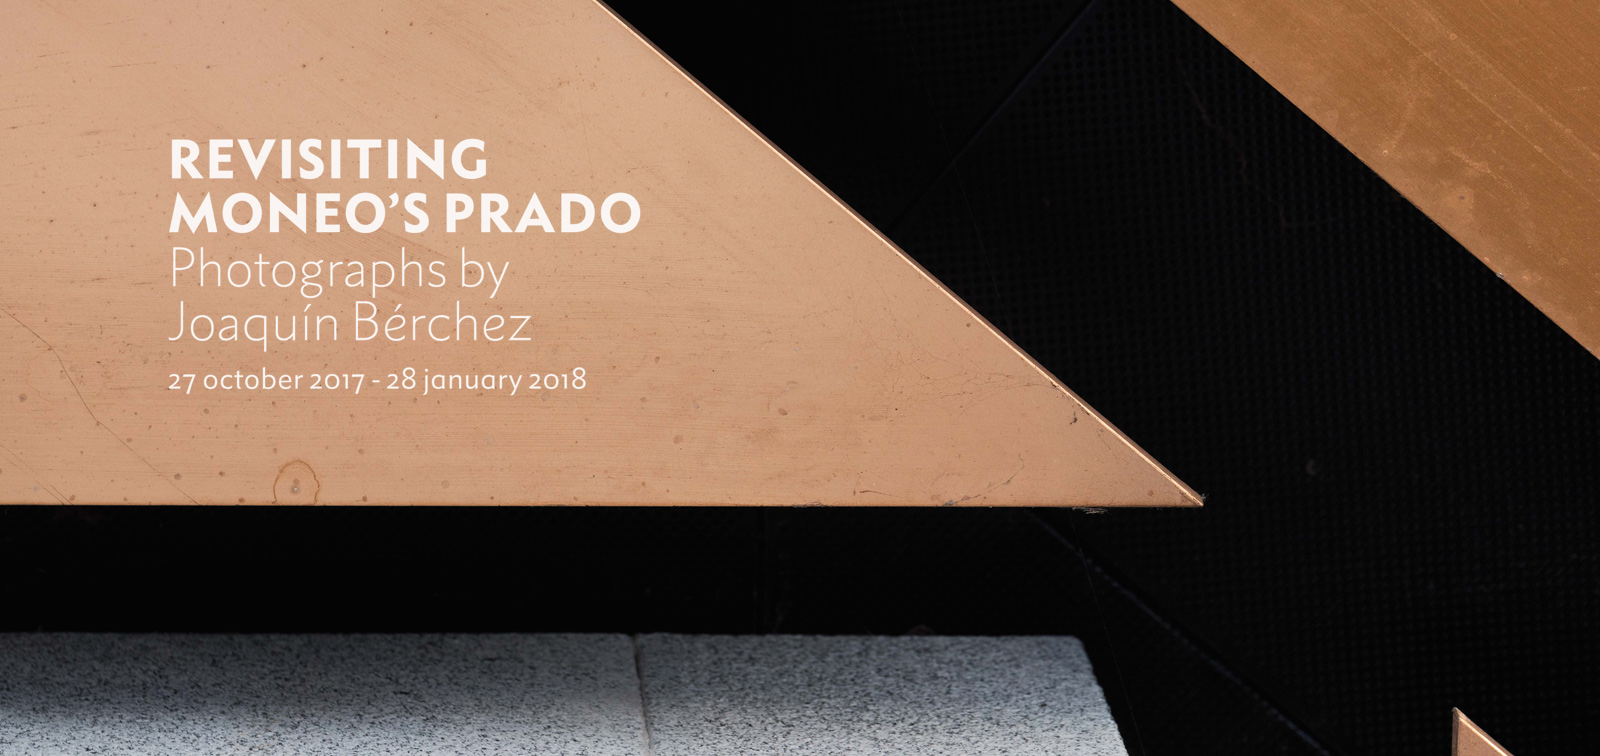 Exhibition. Revisiting Moneo's Prado